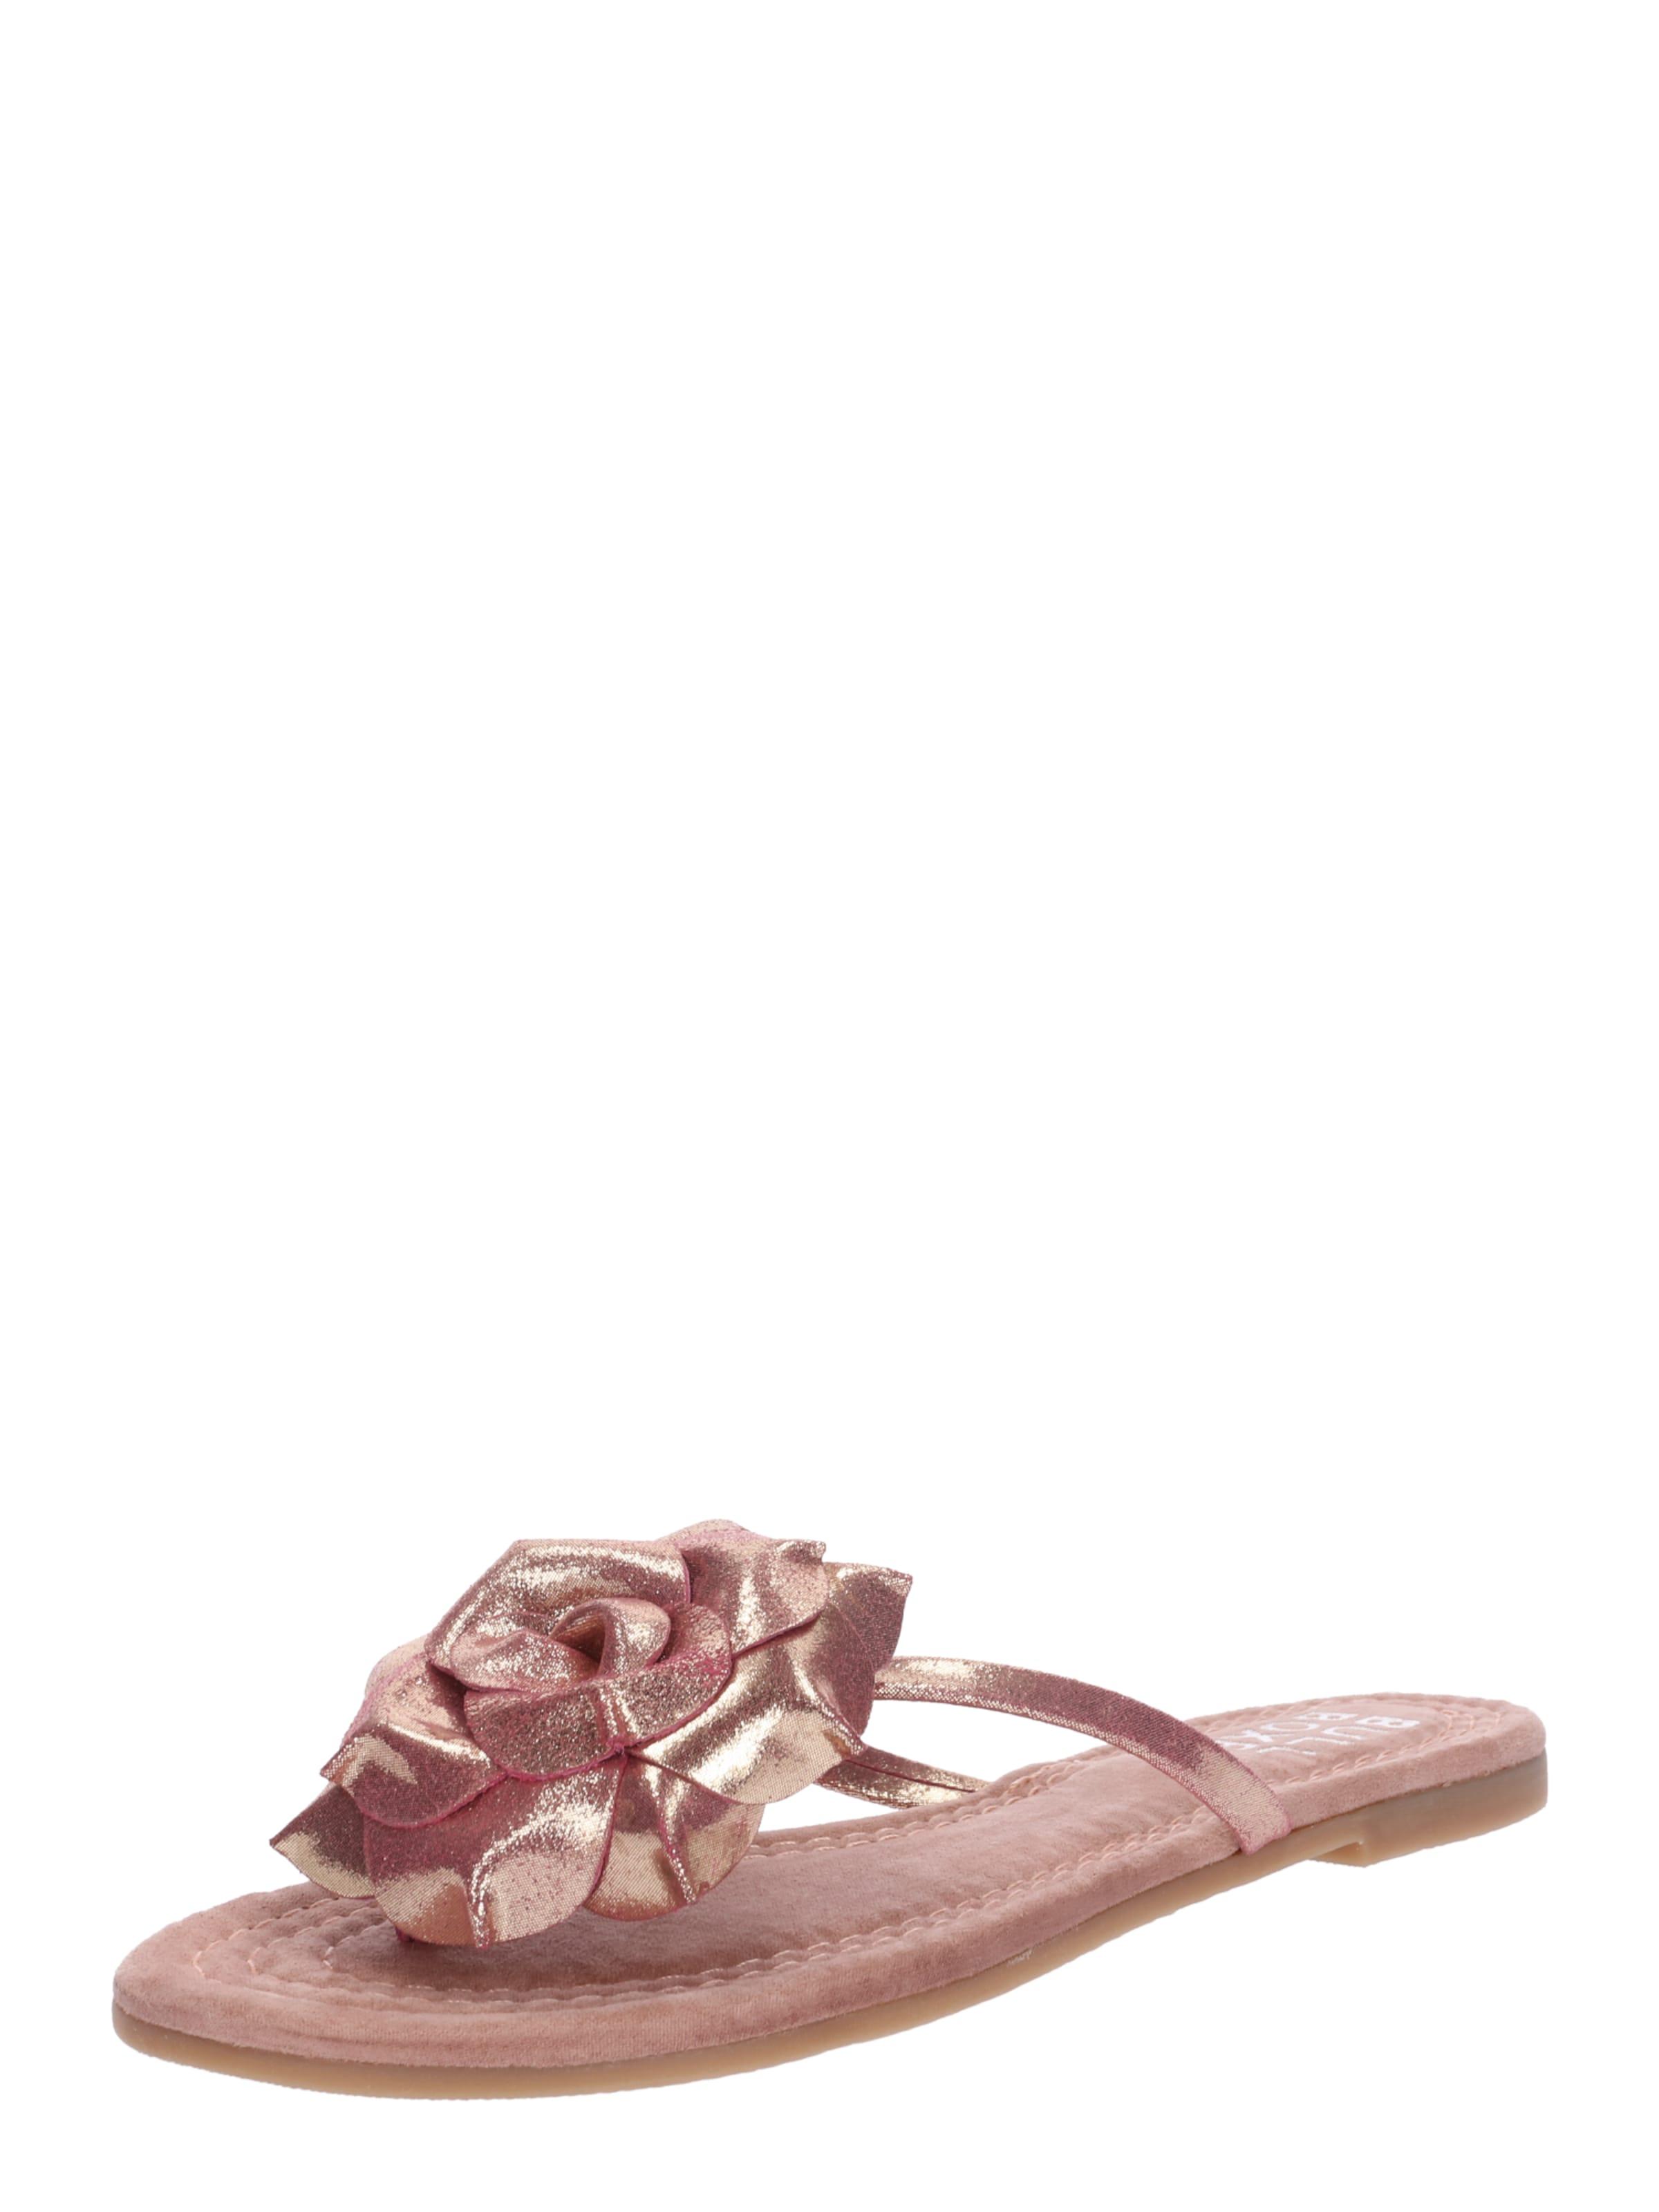 BULLBOXER Zehentrenner Verschleißfeste billige Schuhe Hohe Qualität